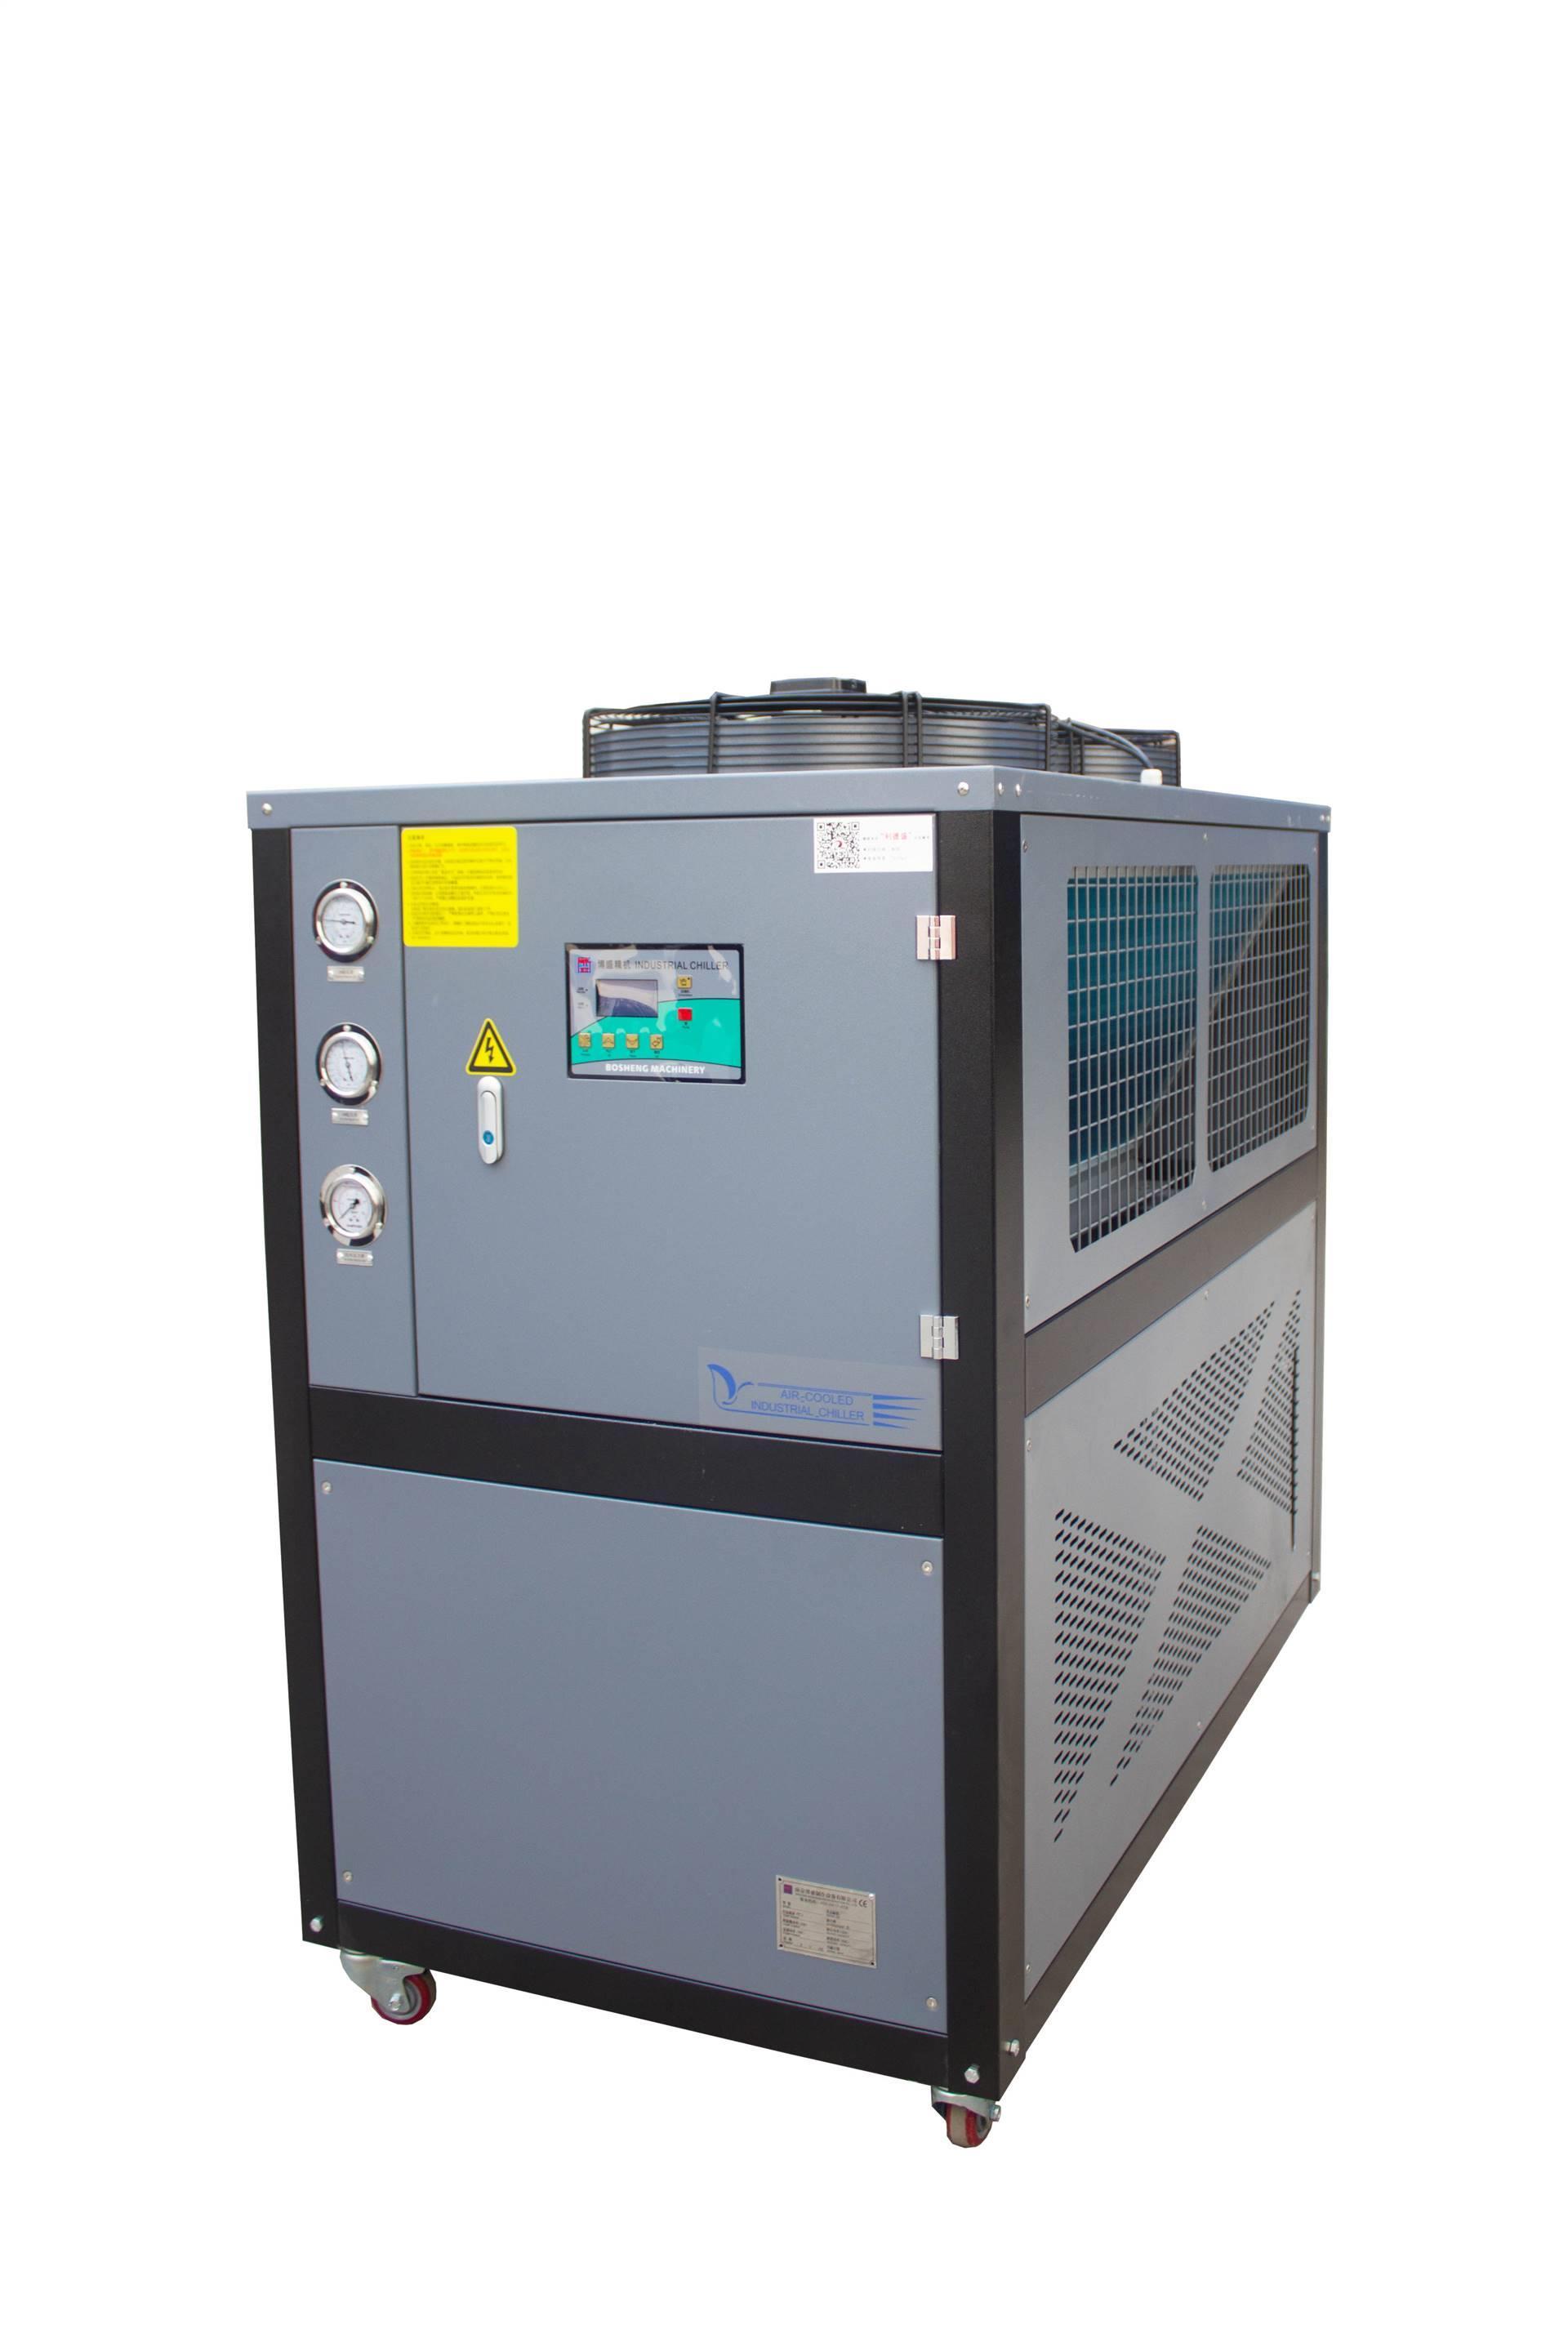 衡阳冷热一体机,衡阳高低温冷水机,衡阳冷热温控设备